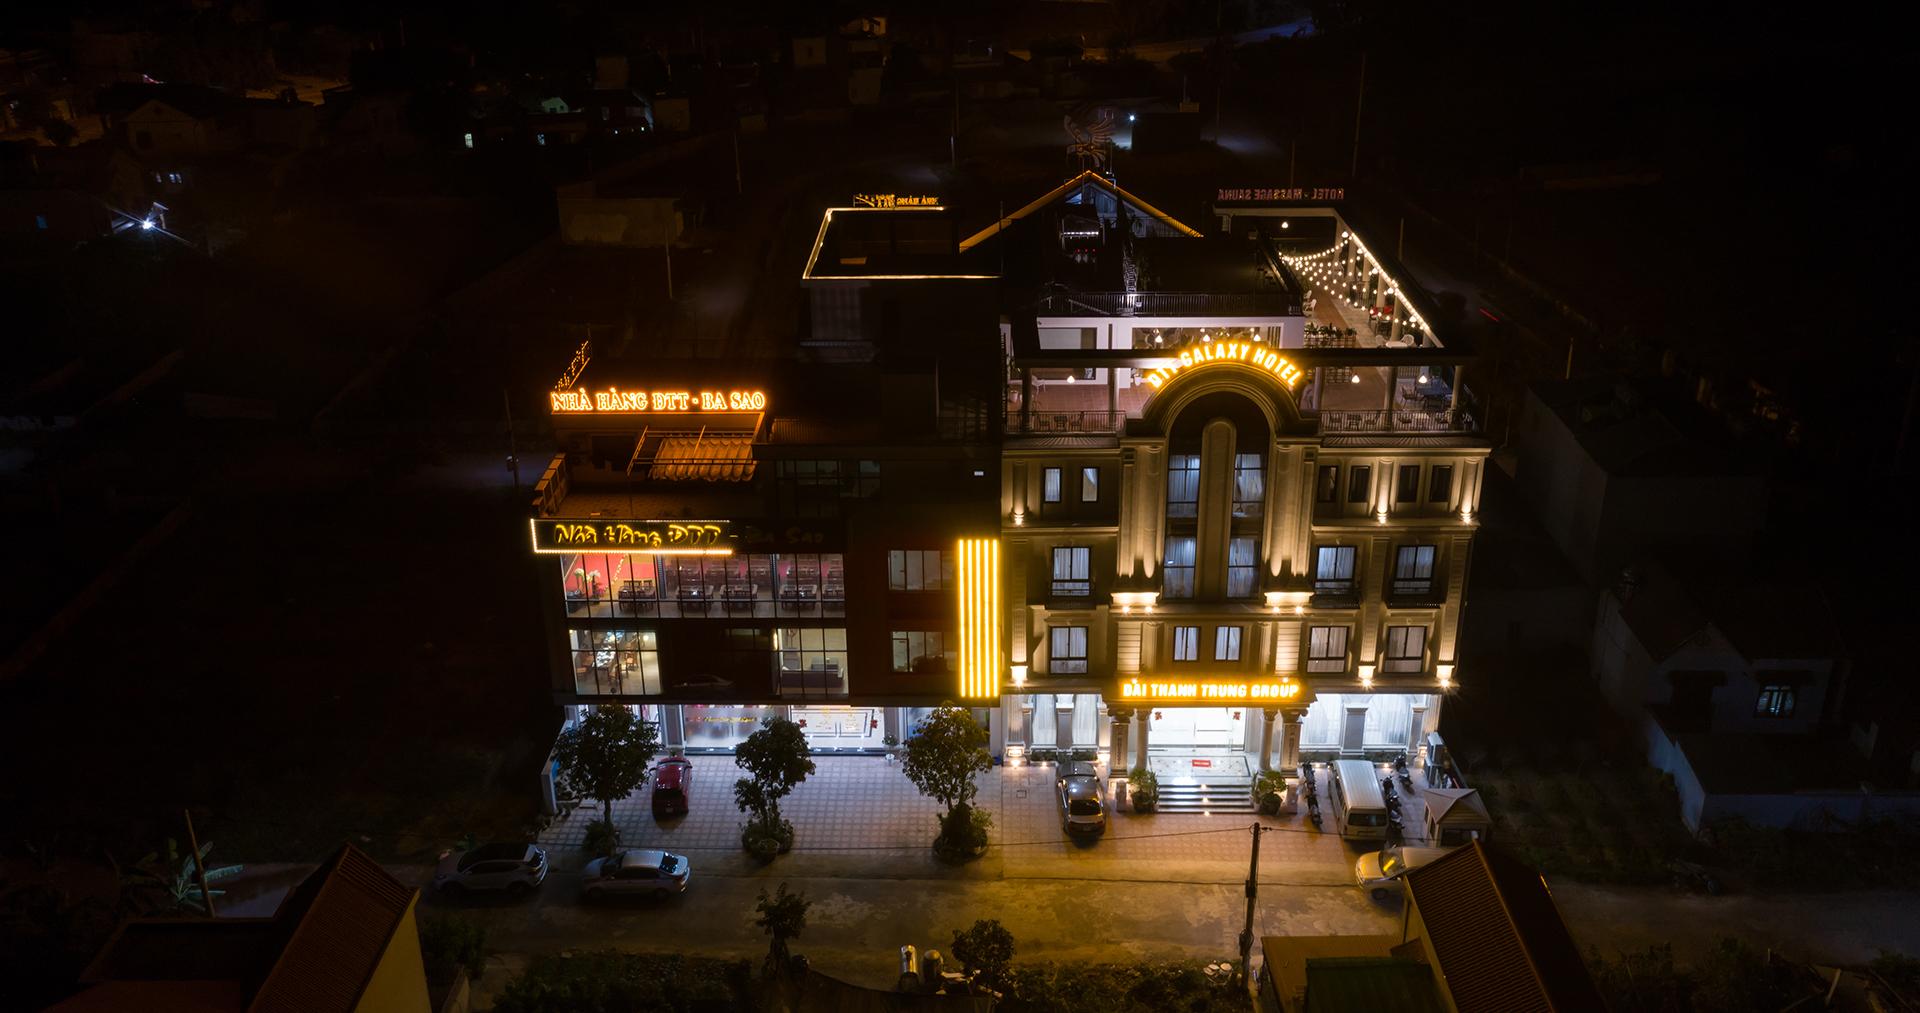 Dự án khách sạn DTT